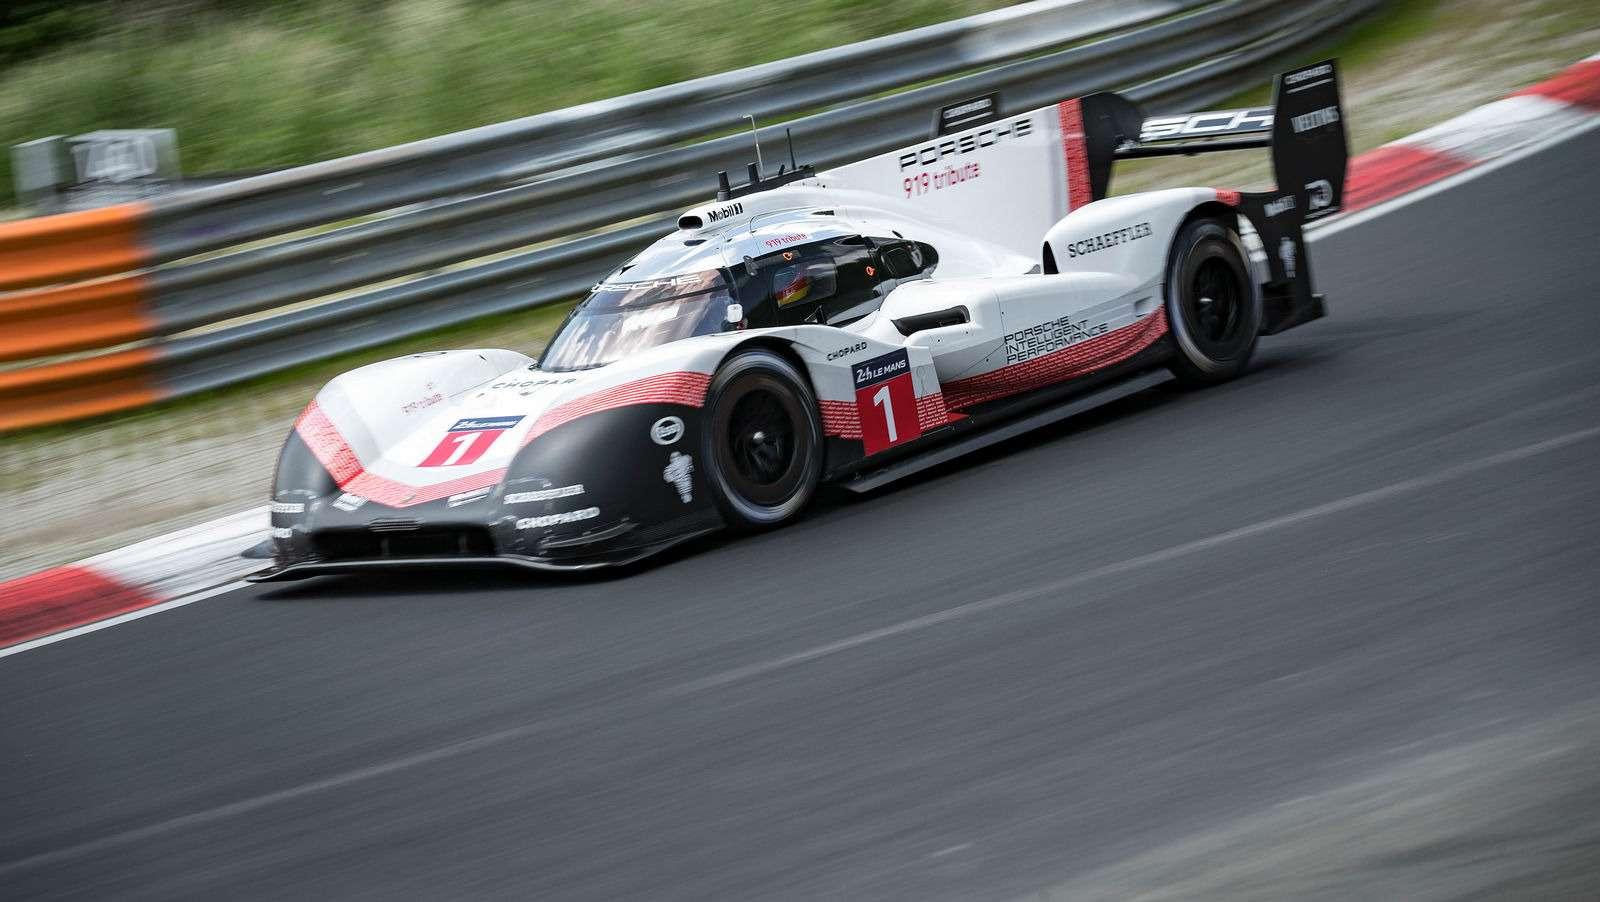 Porsche установила новый абсолютный рекорд Нюрбургринга!— фото 882818